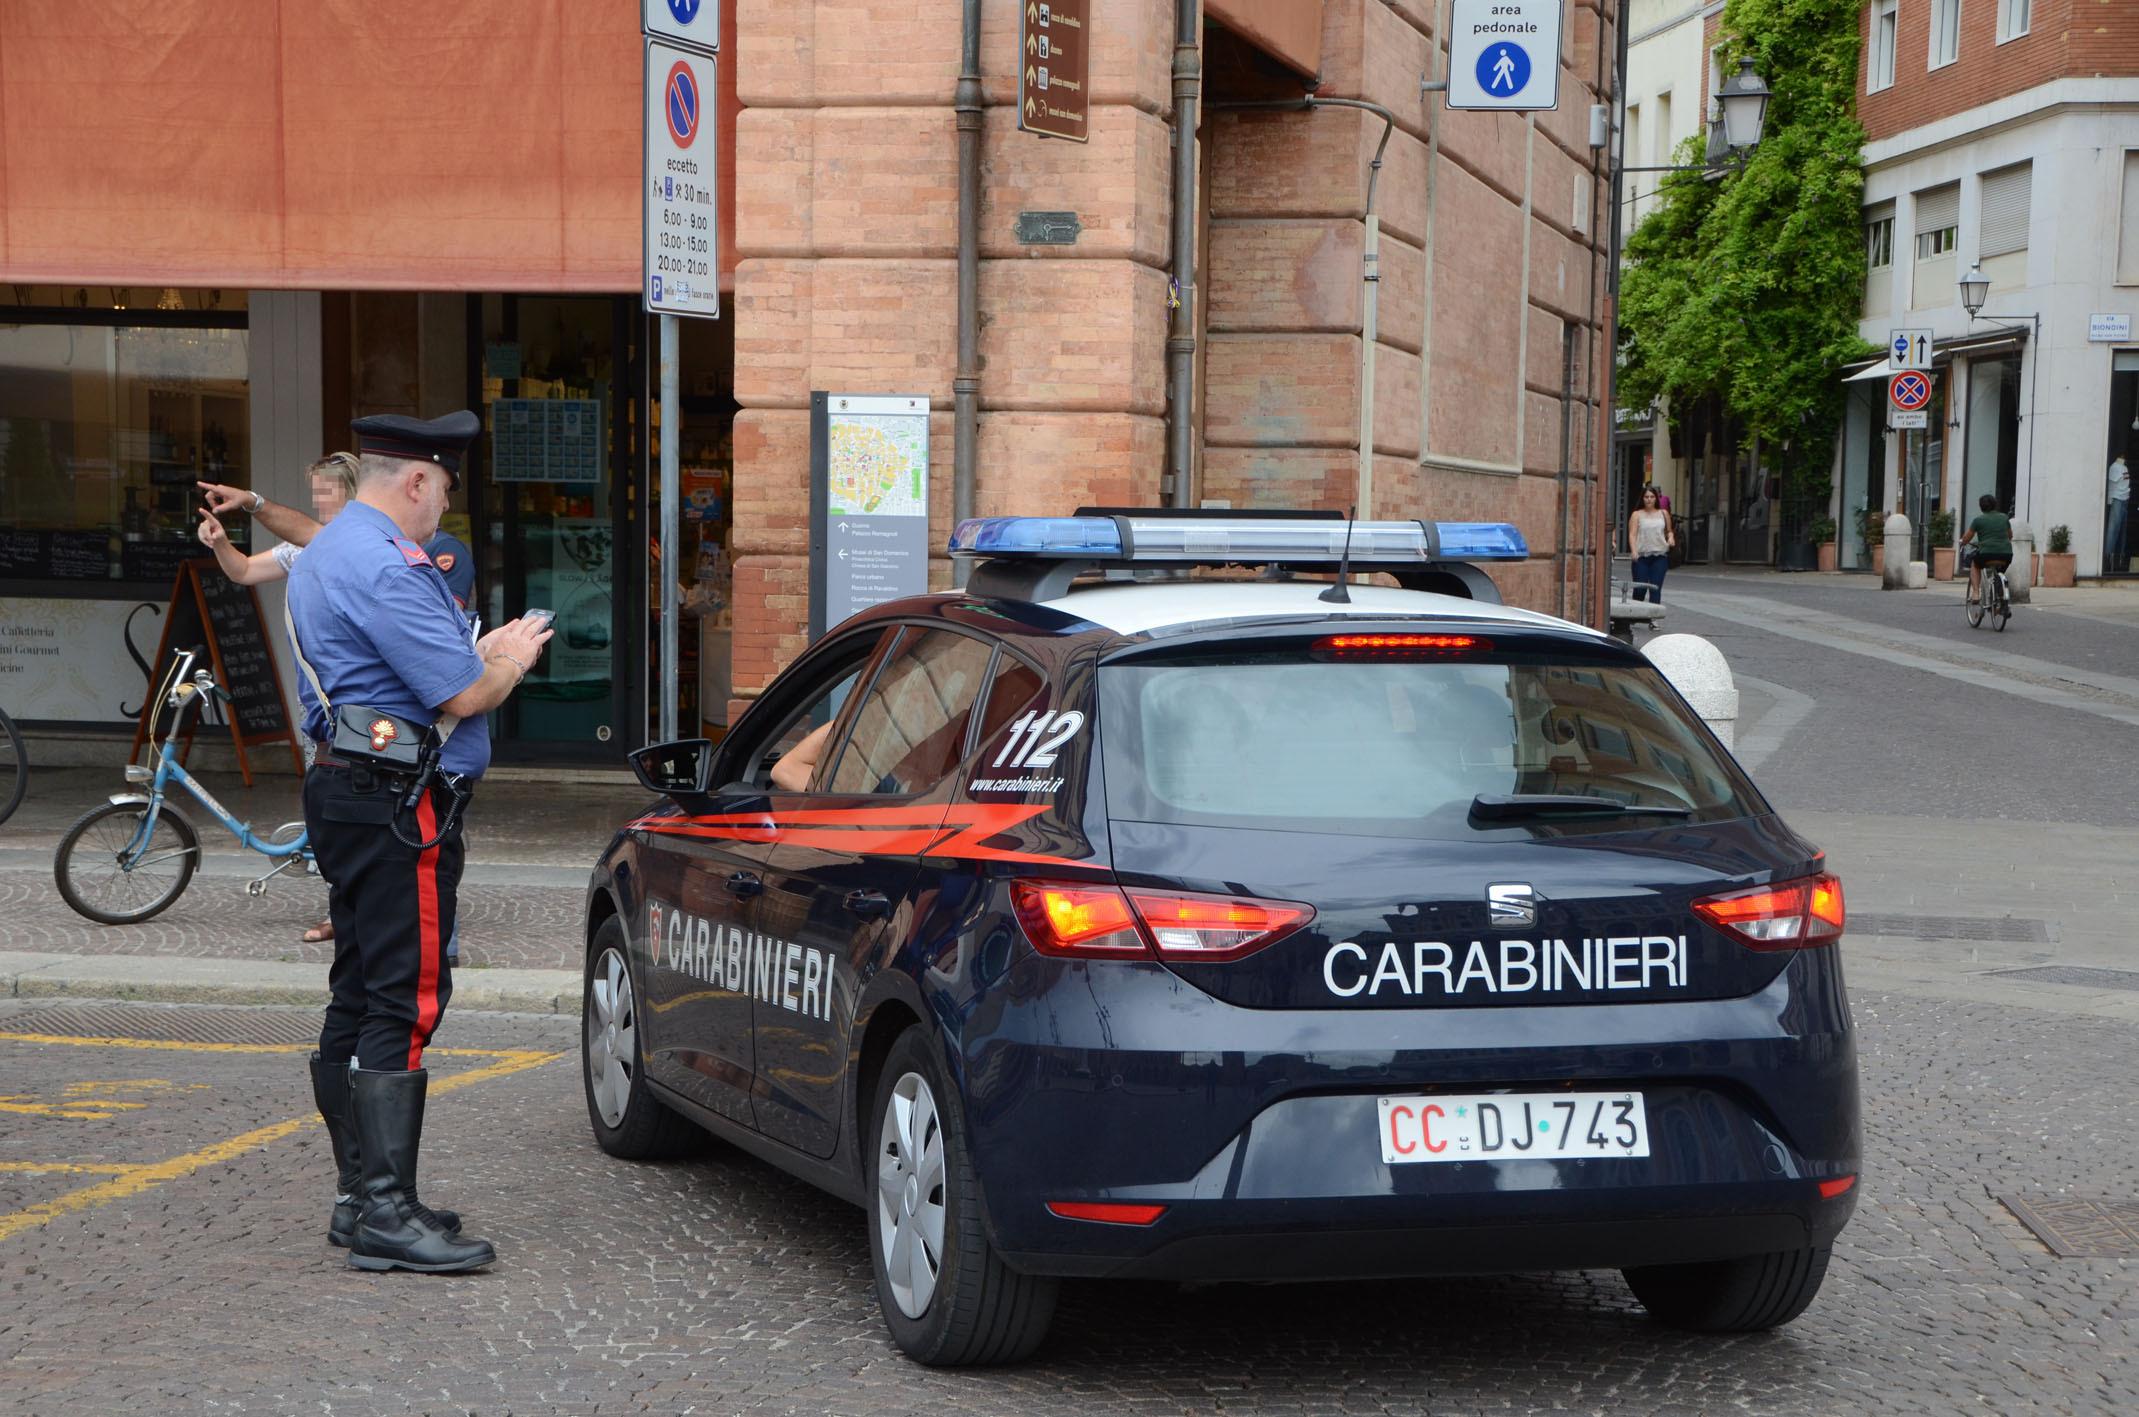 Forlì, trovato con l'eroina nell'auto: arrestato 29enne